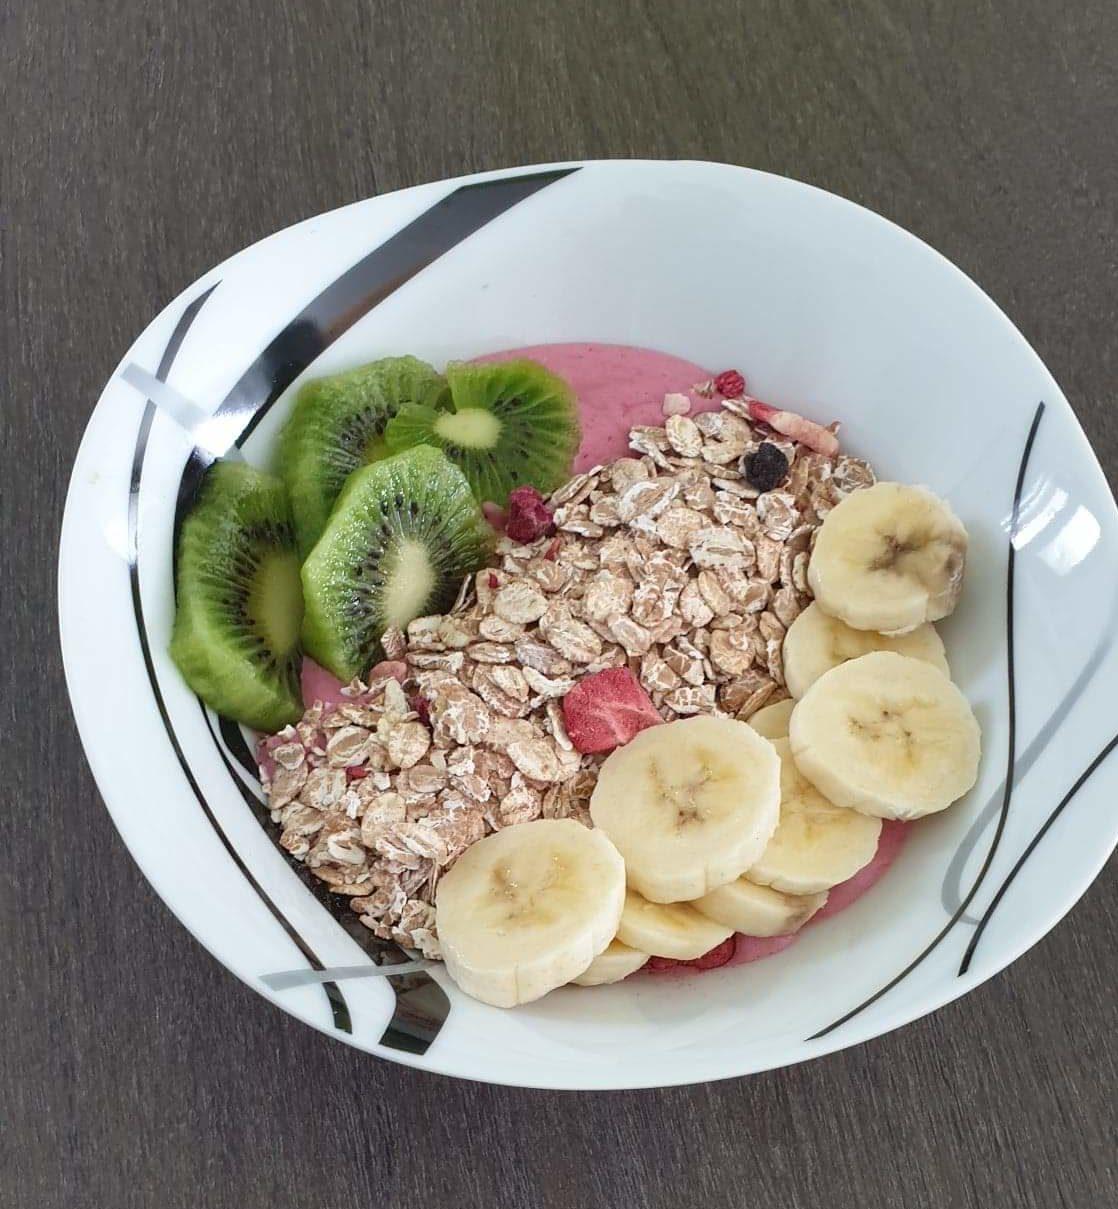 Recette de smoothie bowl facile et idéale pour le petit déjeuner